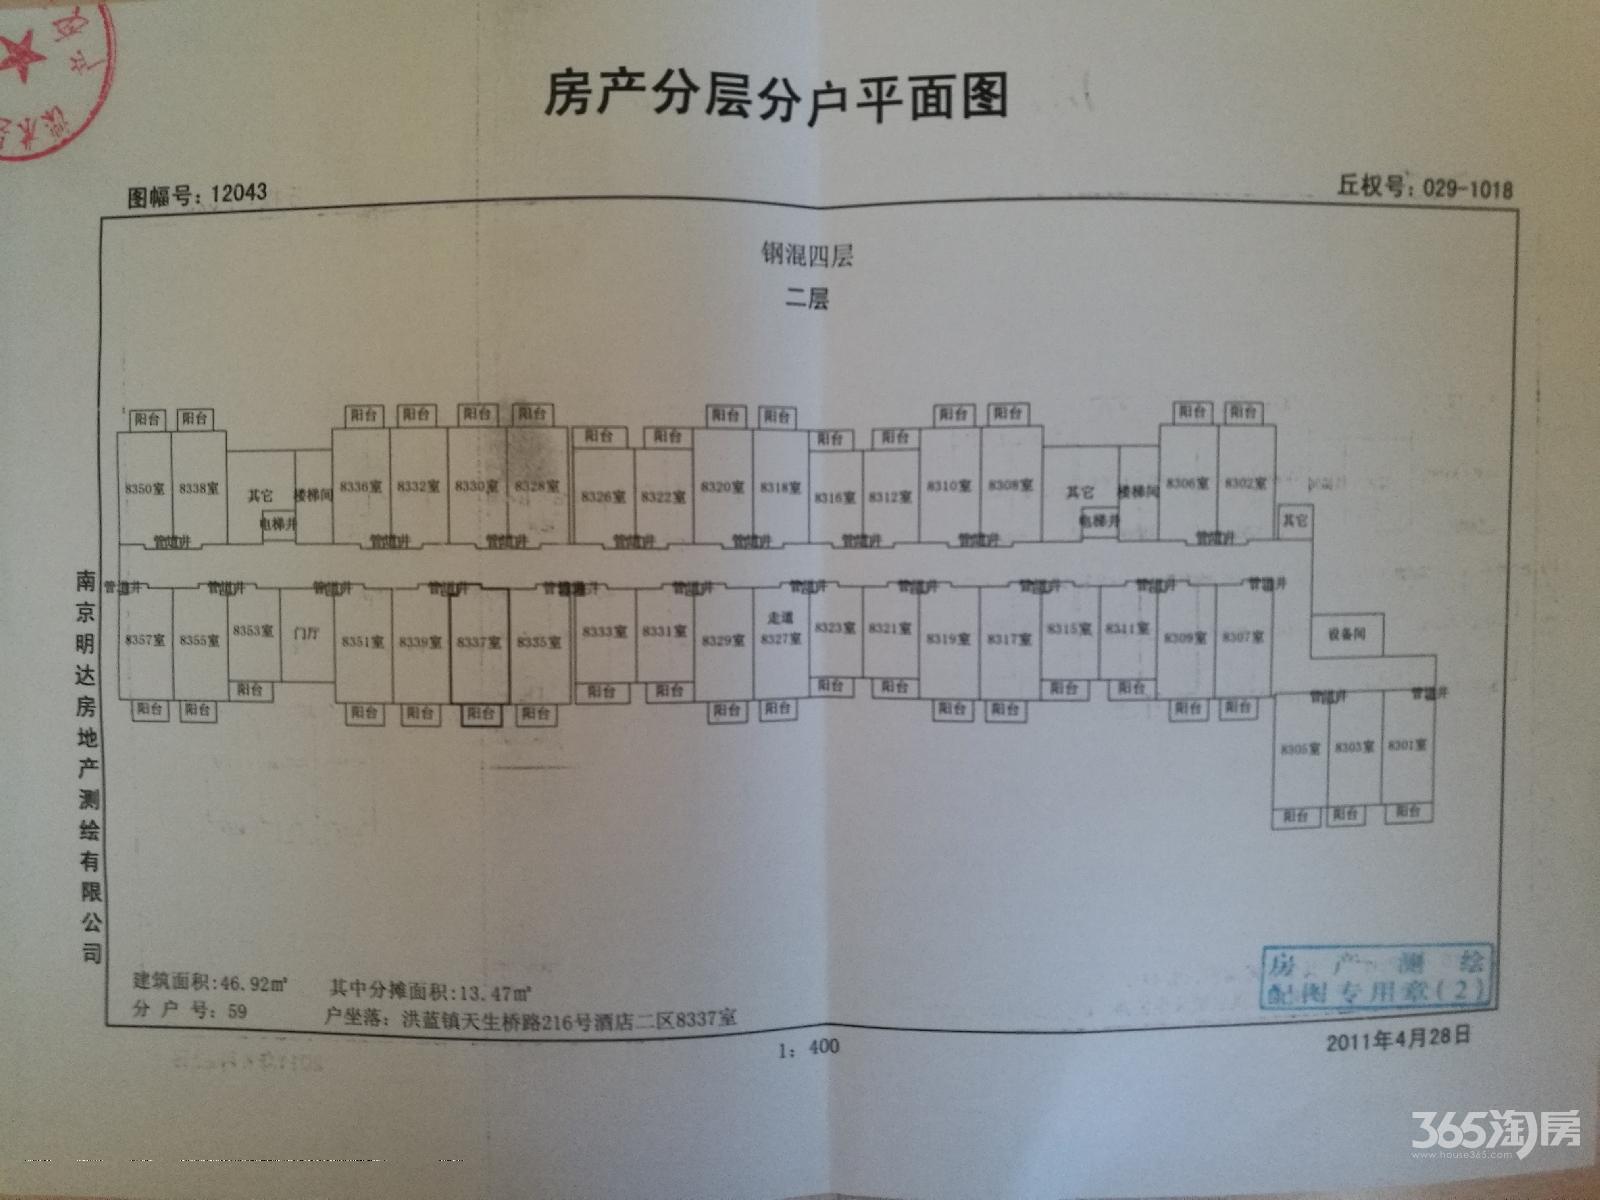 华洲凤凰小镇酒店式公寓1室0厅1卫46.92平方产权房精装